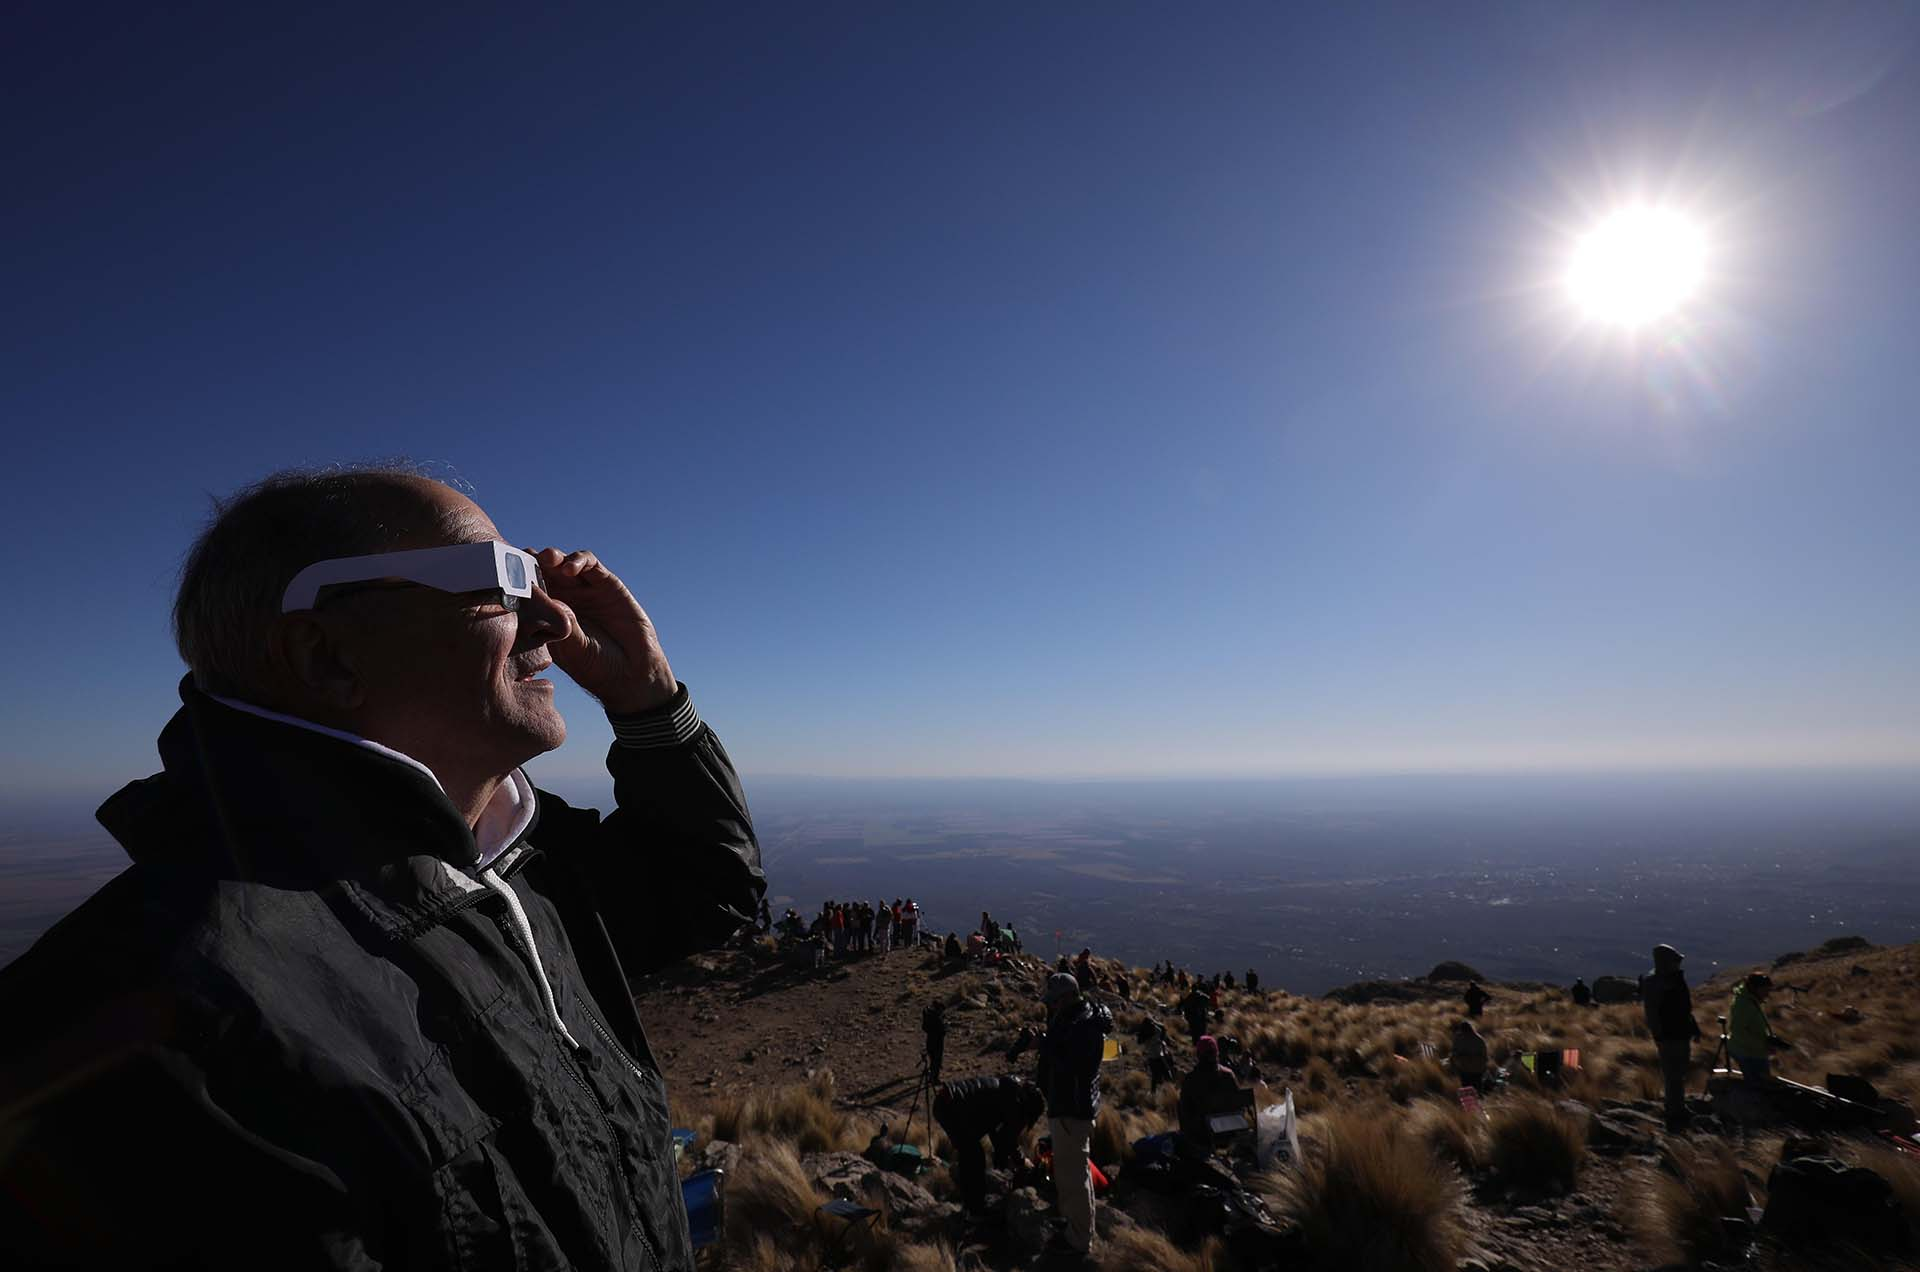 Un hombre mira el sol con anteojos especiales antes del eclipse solar total este martes en la ciudad de Merlo, San Luis, Argentina (EFE/Nicolas Aguilera)